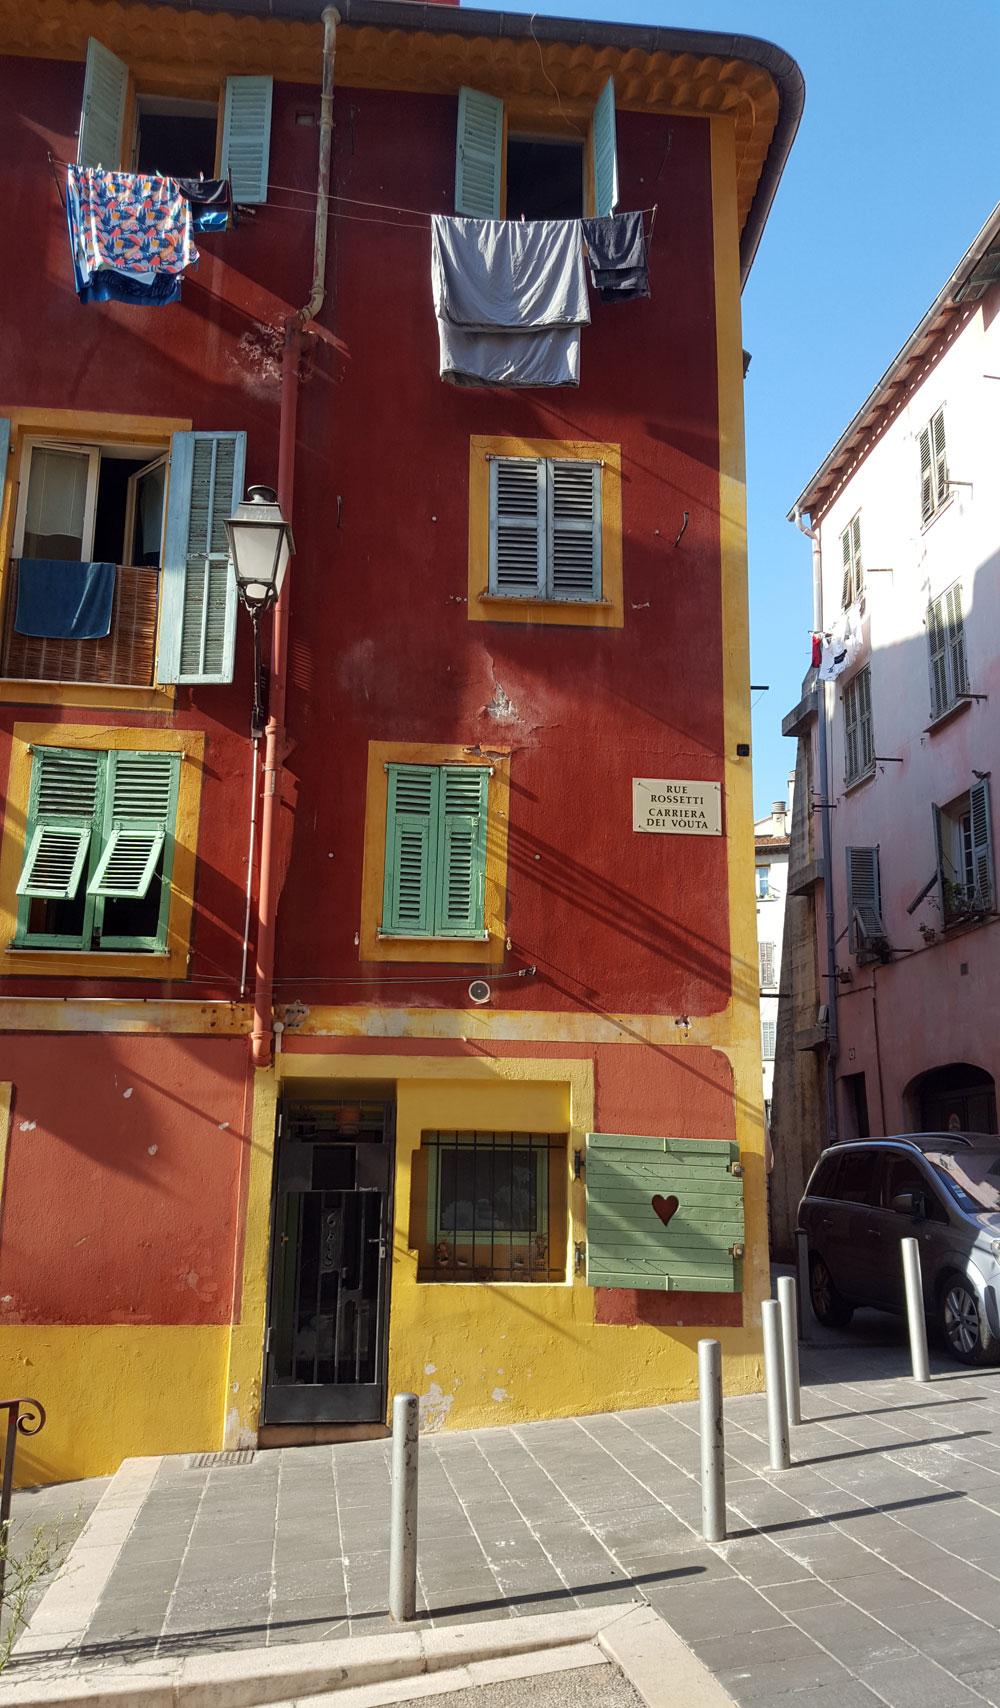 Typisches rotes Altstadthaus in Nizza